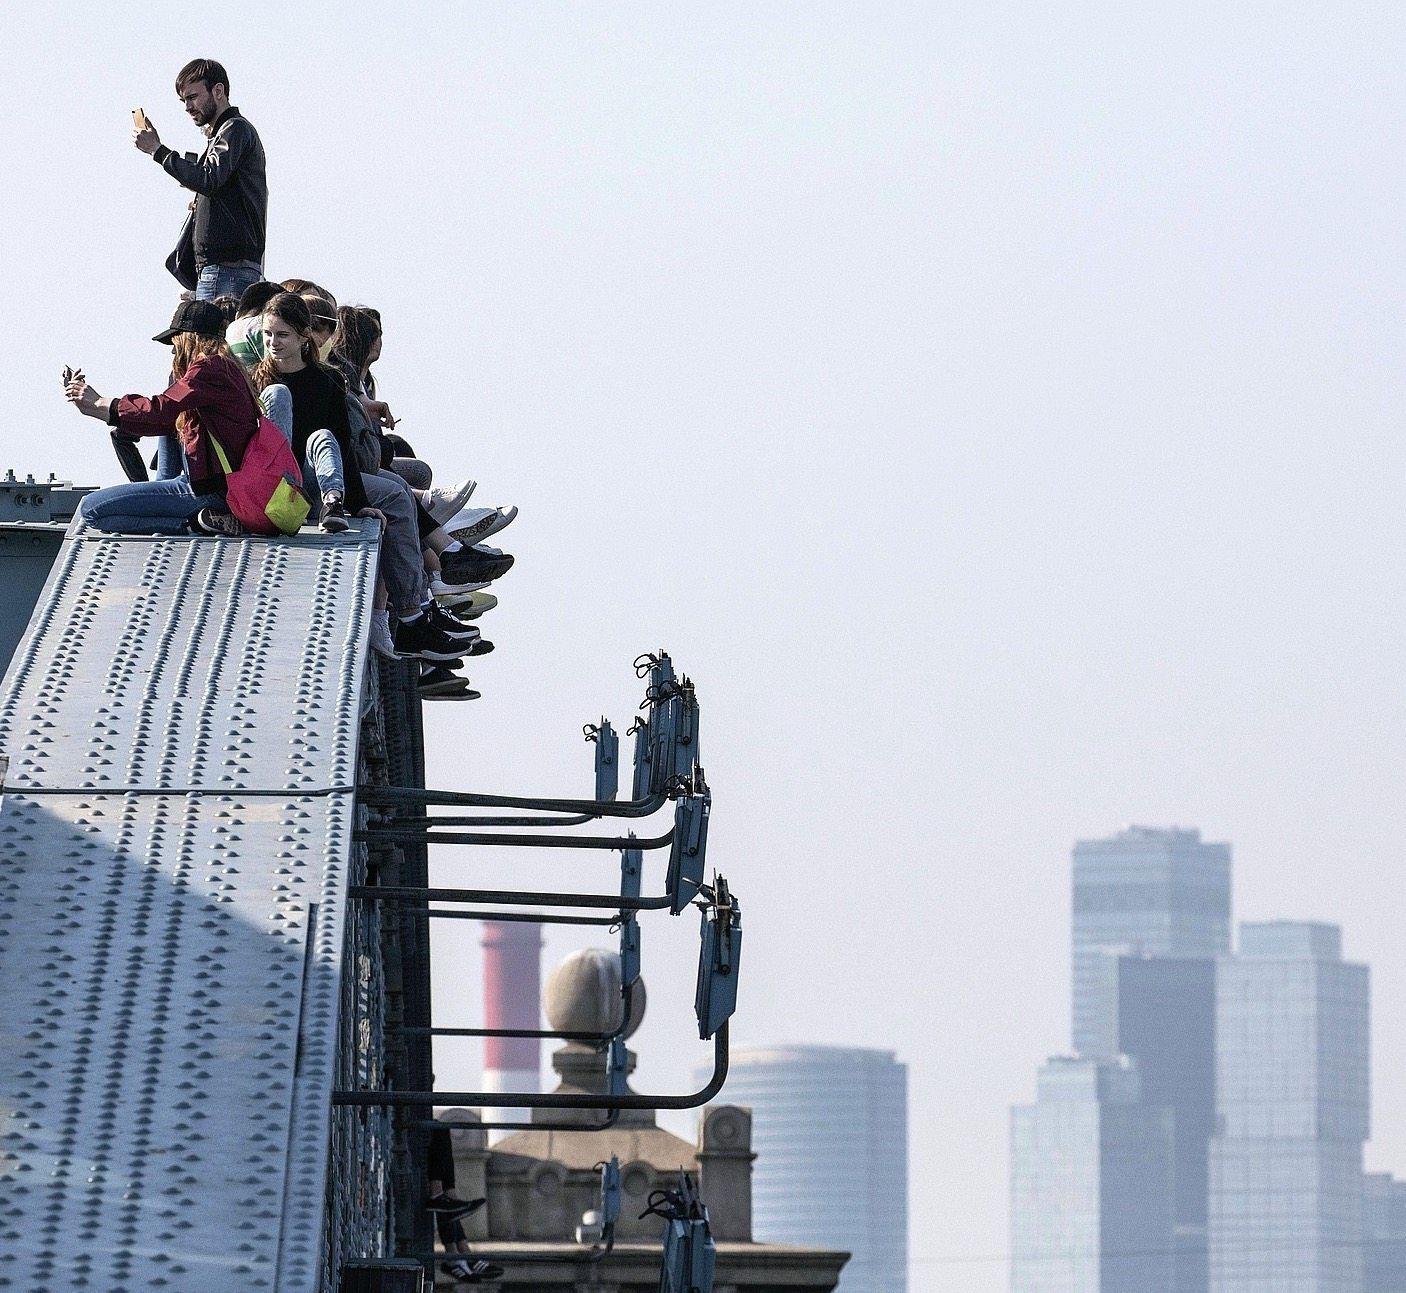 Selfiefotografen auf Moskauer Brücke